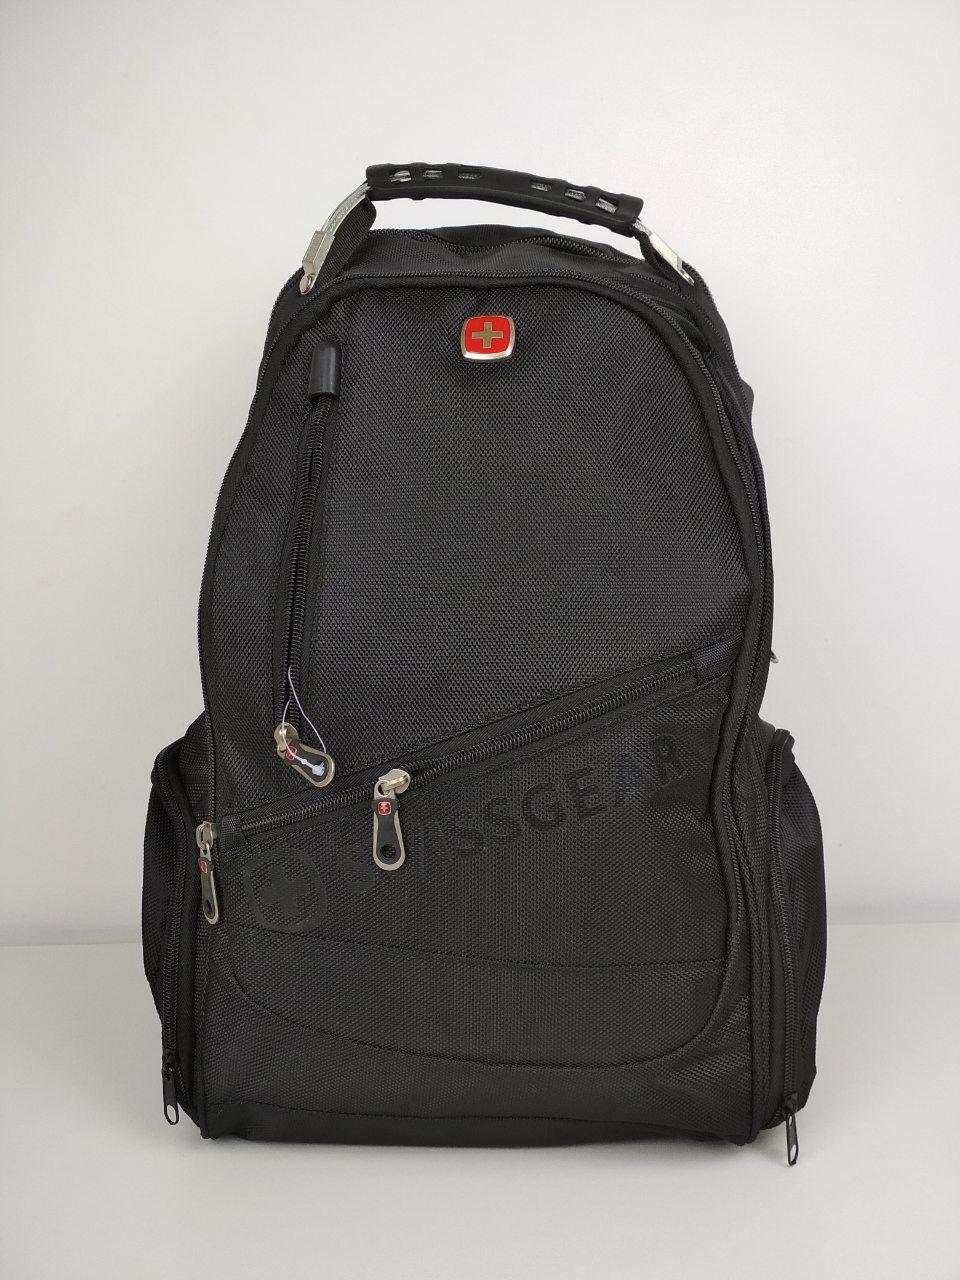 Текстильный рюкзак для подростка с USB зарядкой 44*33*27 см